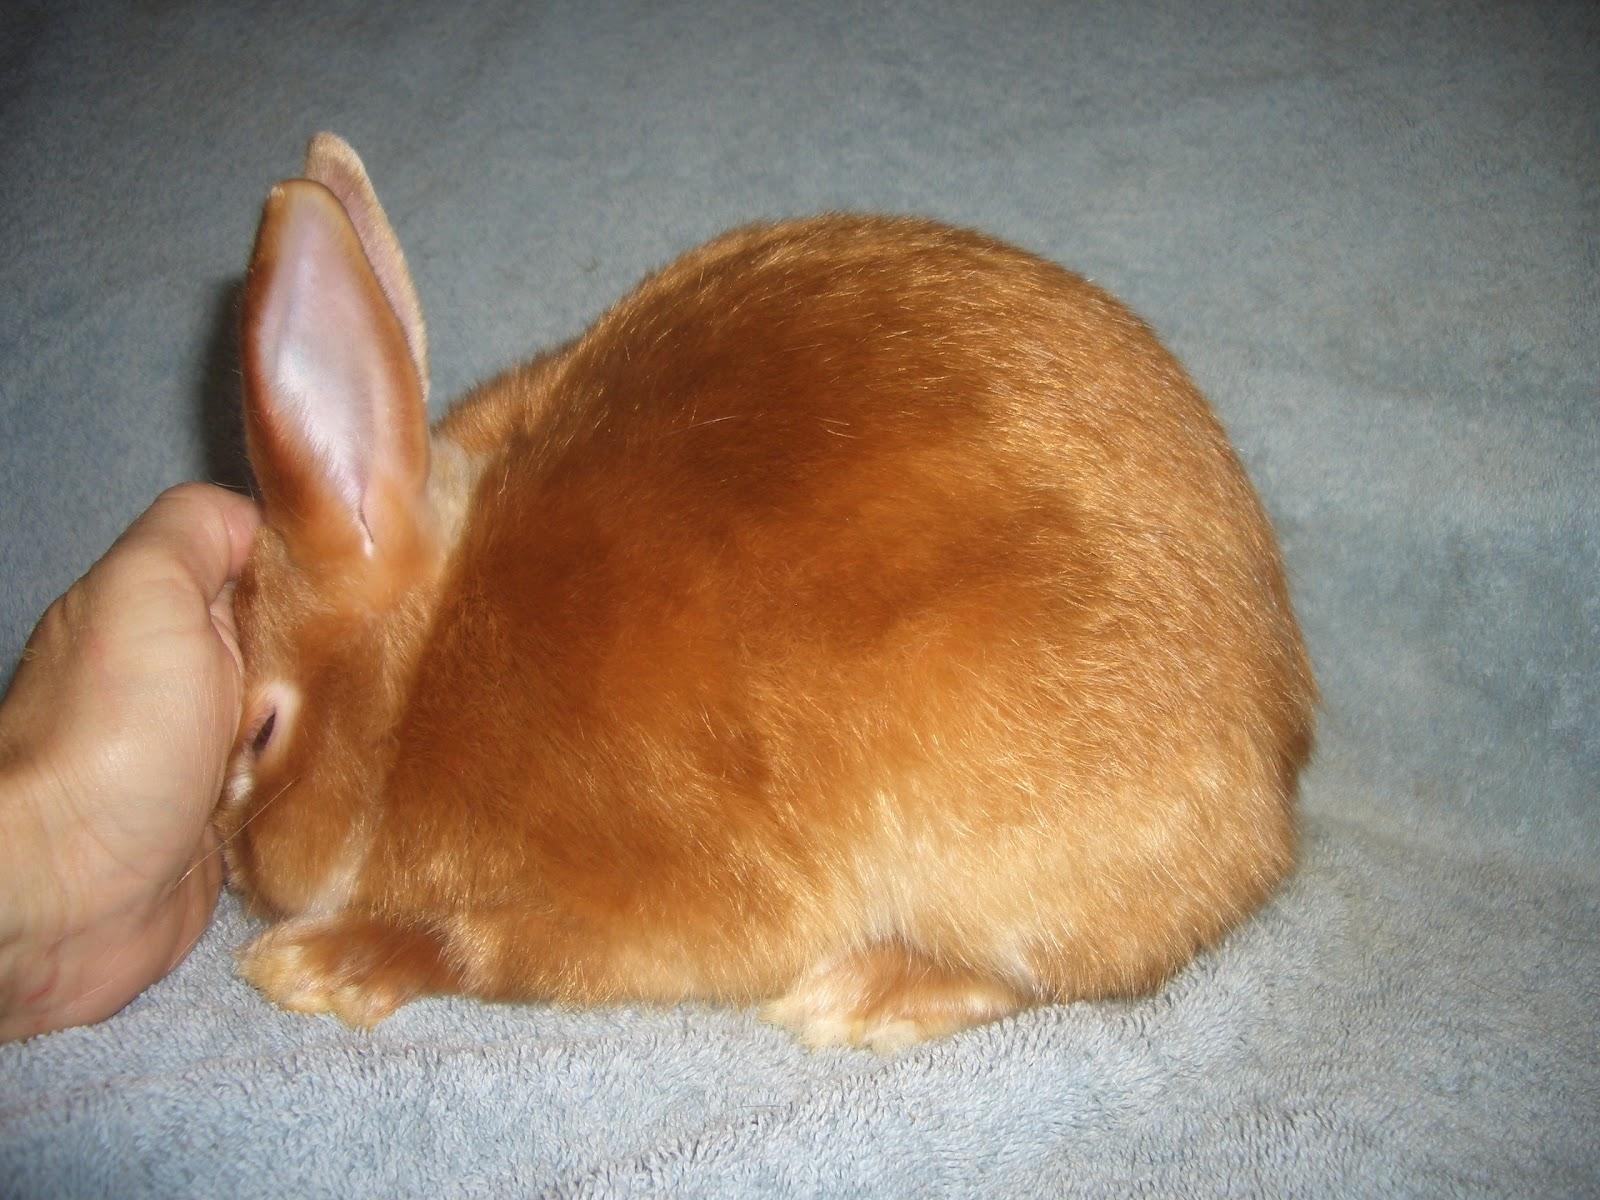 info cyberneticinc comRed Mini Satin Rabbit